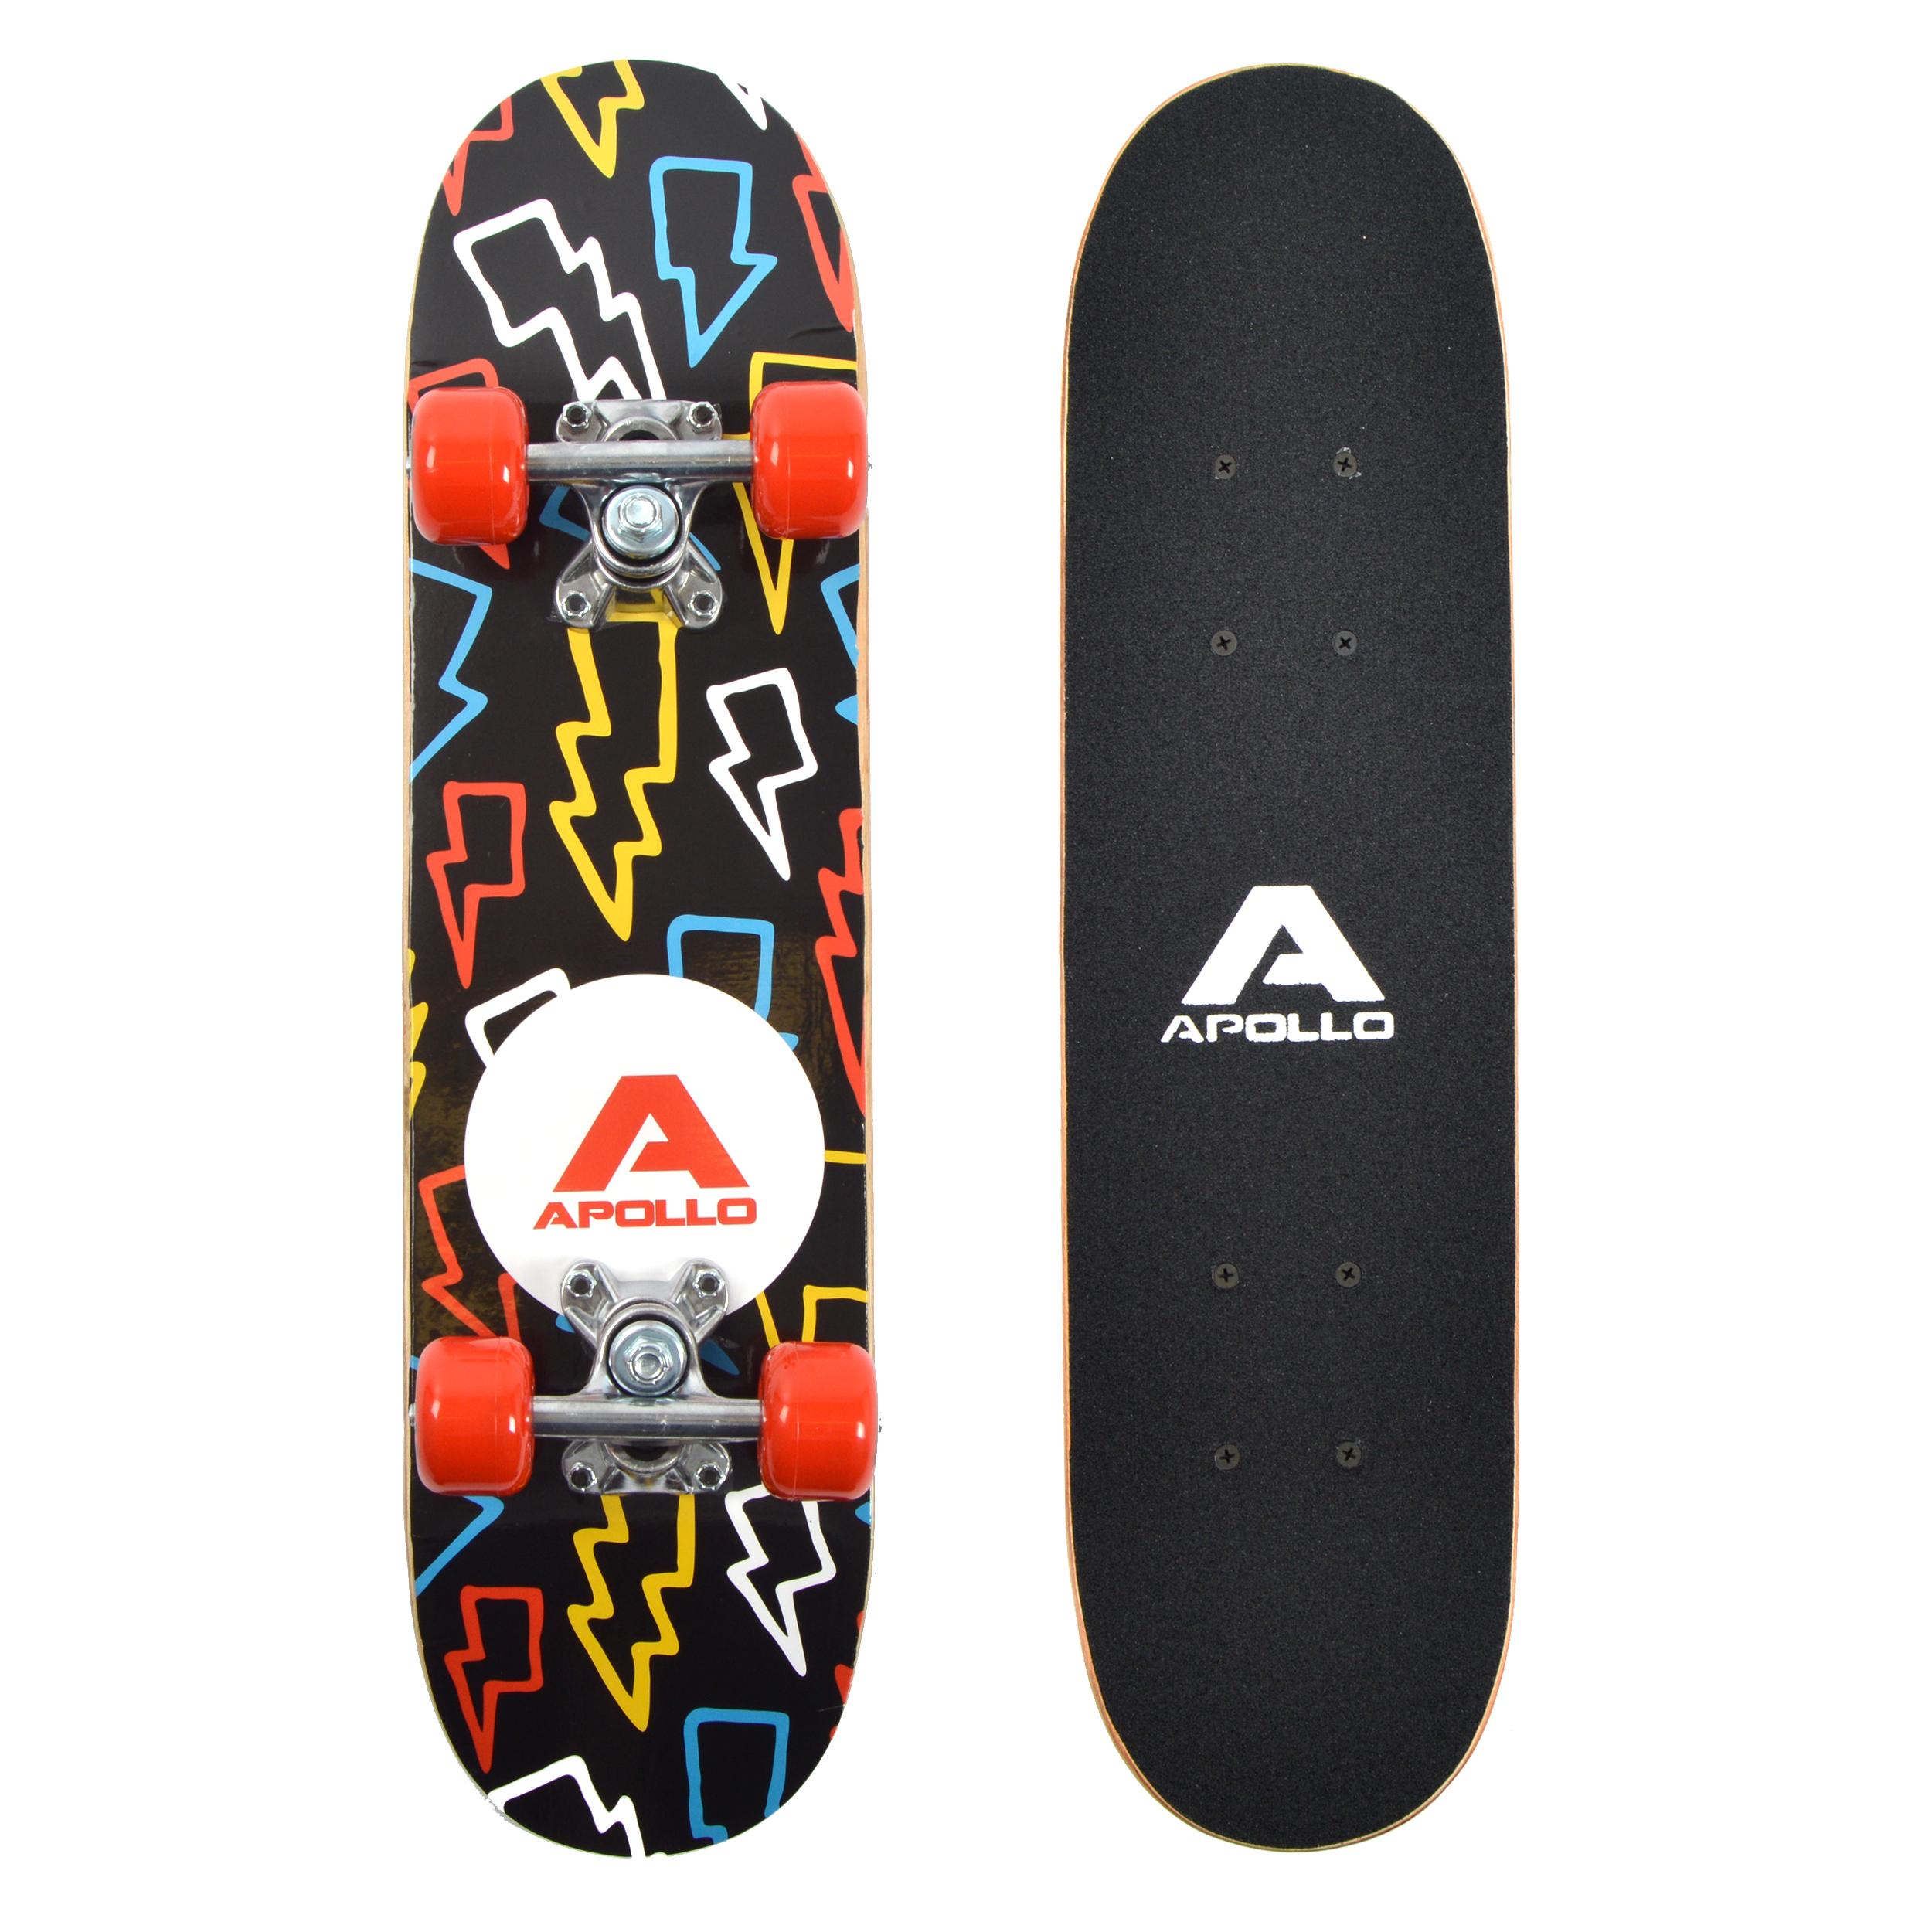 Kinder Skateboard - 61cm - Flash